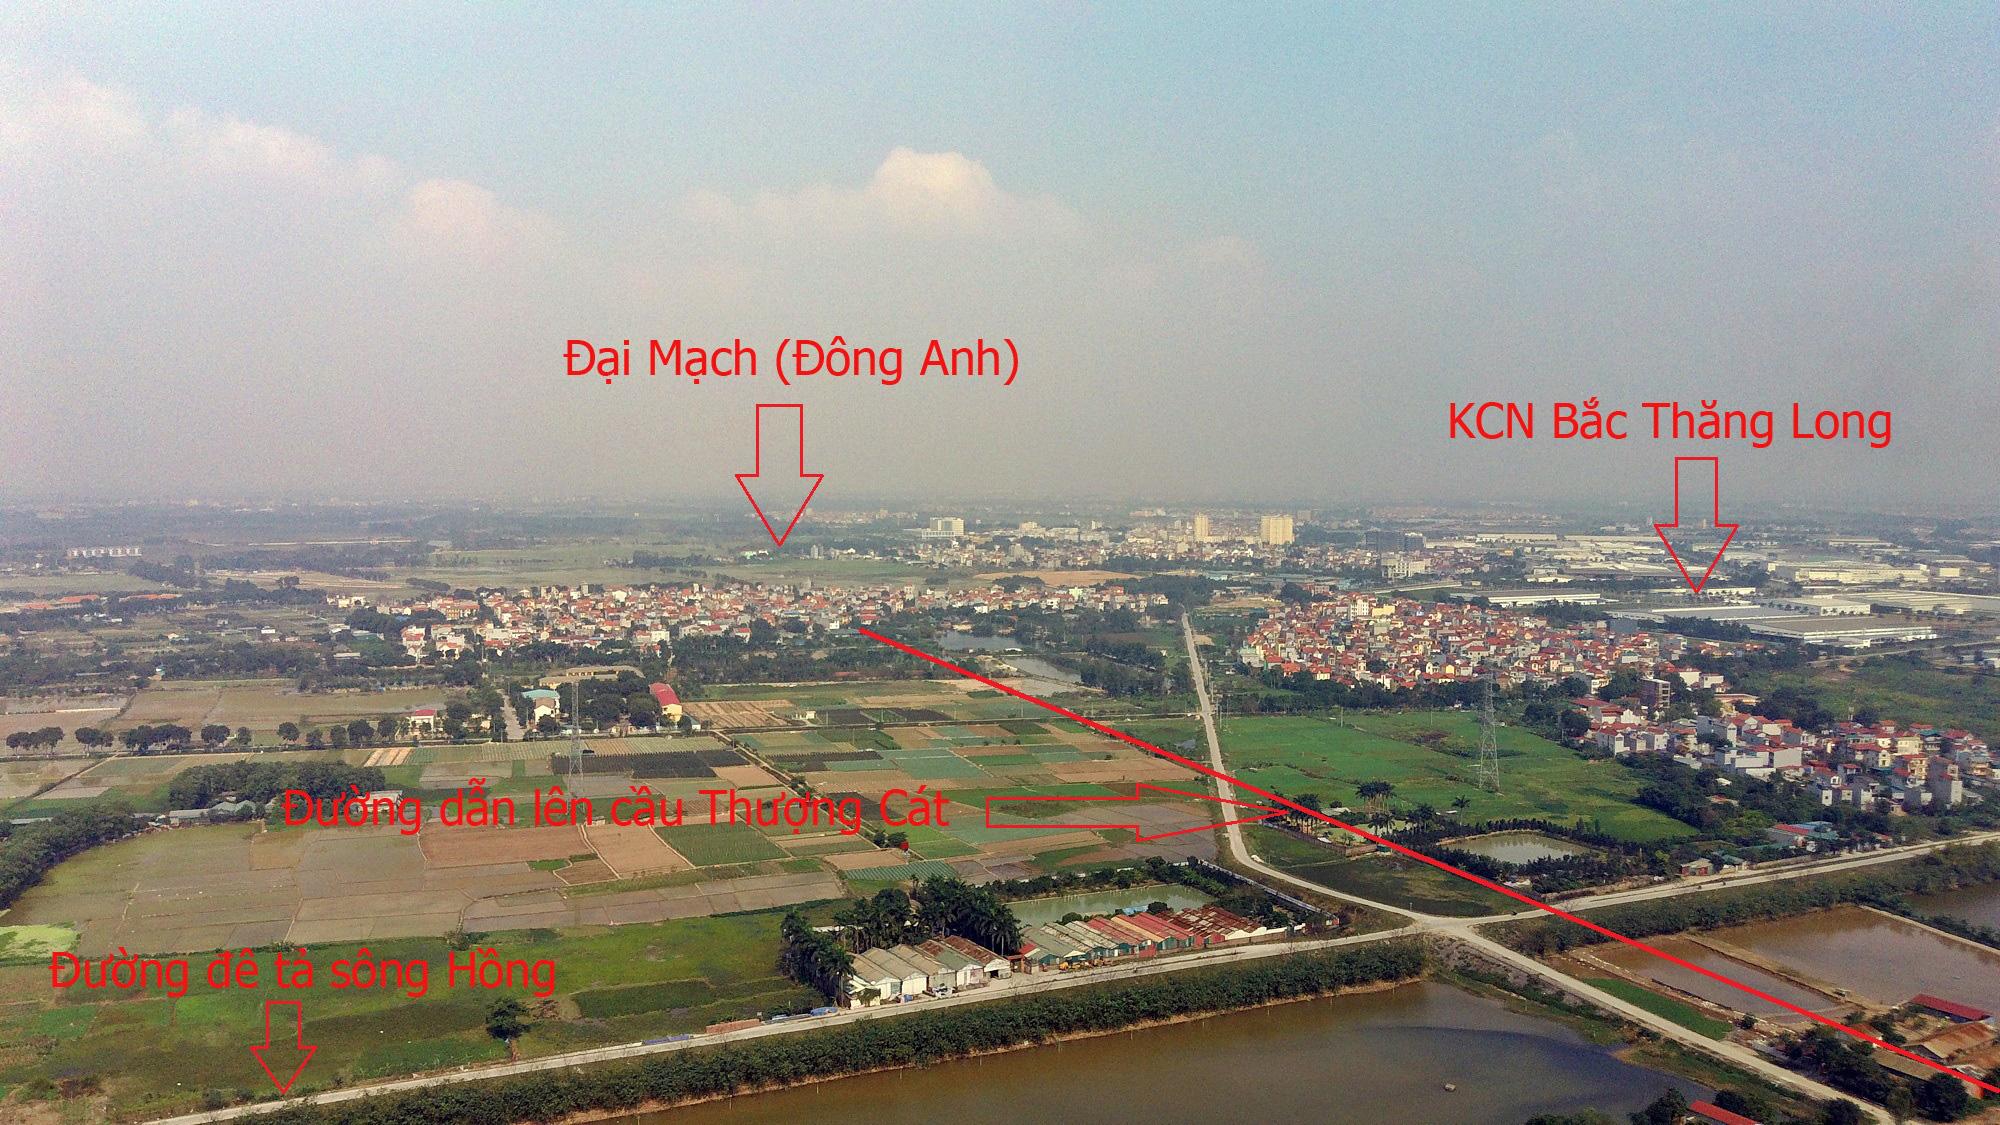 Cầu sẽ mở theo qui hoạch ở Hà Nội: Toàn cảnh cầu Thượng Cát nối Bắc Từ Liêm với Đông Anh - Ảnh 13.